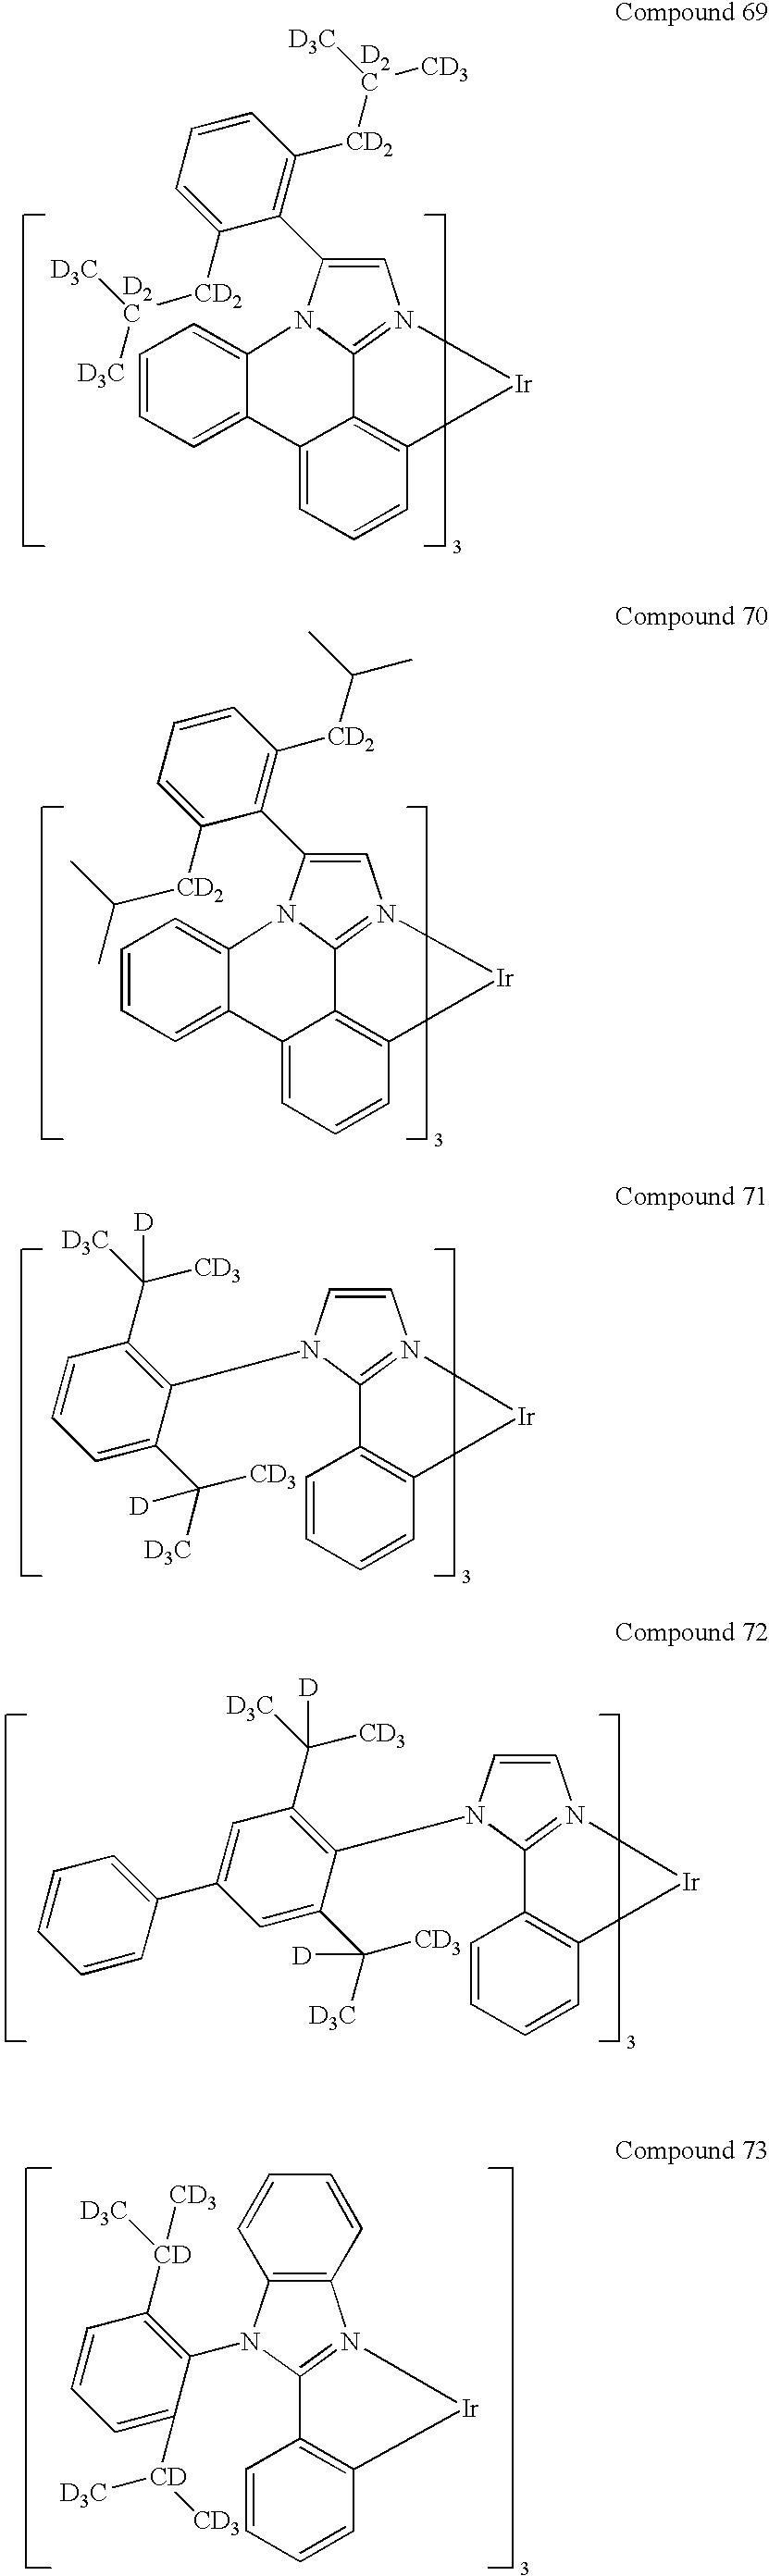 Figure US20100270916A1-20101028-C00228